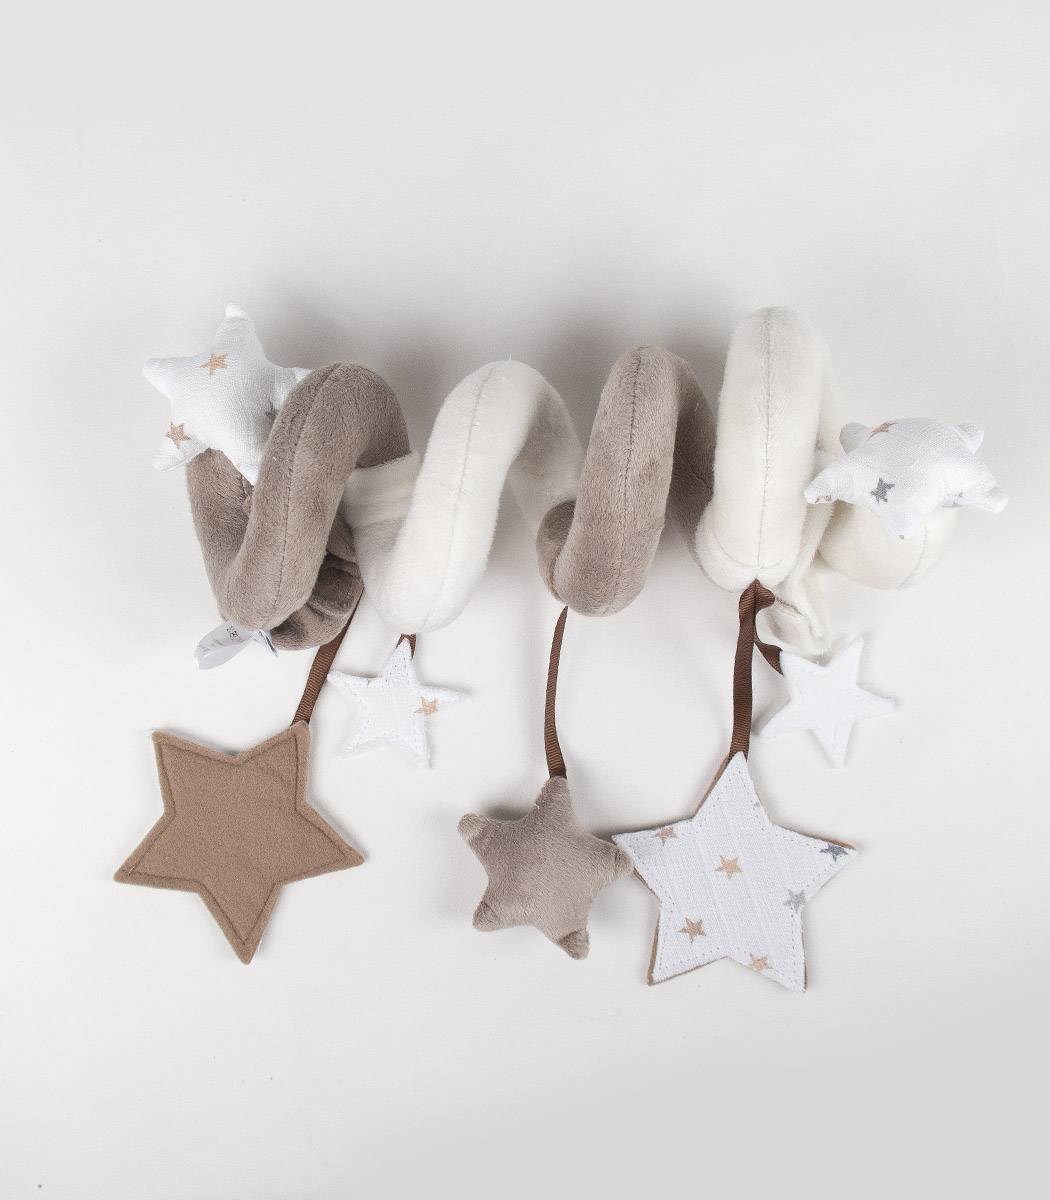 Baby Spielzeug zum Aufhängen Spirale Mobile Babyschale Maxi Cosi Babybett